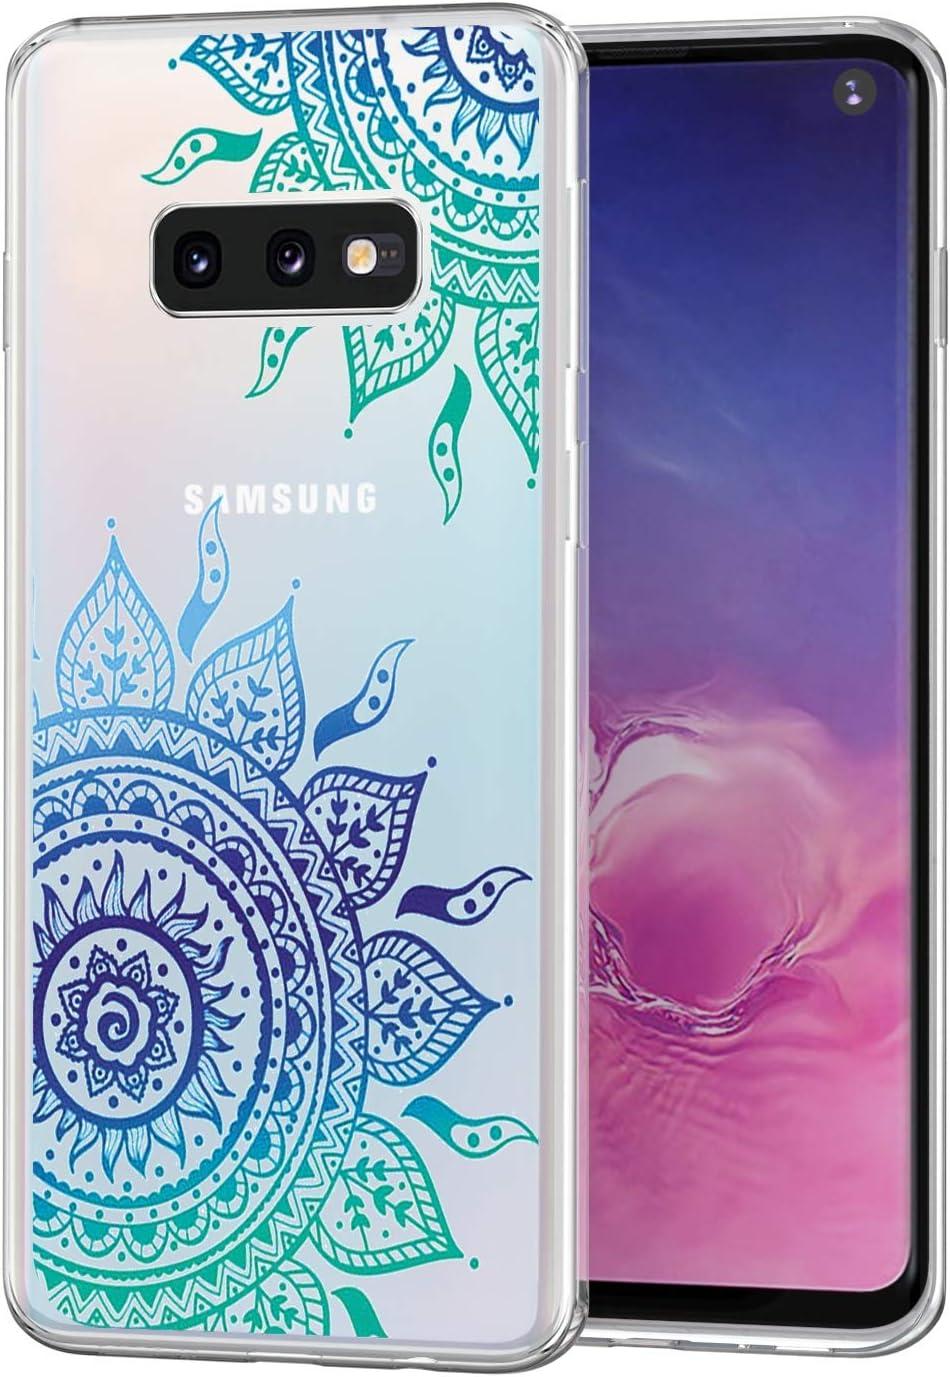 3x Coque pour Samsung Galaxy S10e 5.8 Pouces // S10 Lite Papillon Bleu Tour Etui Transparent Silicone TPU Mince L/éger Souple Professionnel Nouveau Housse Protecteur C/œur